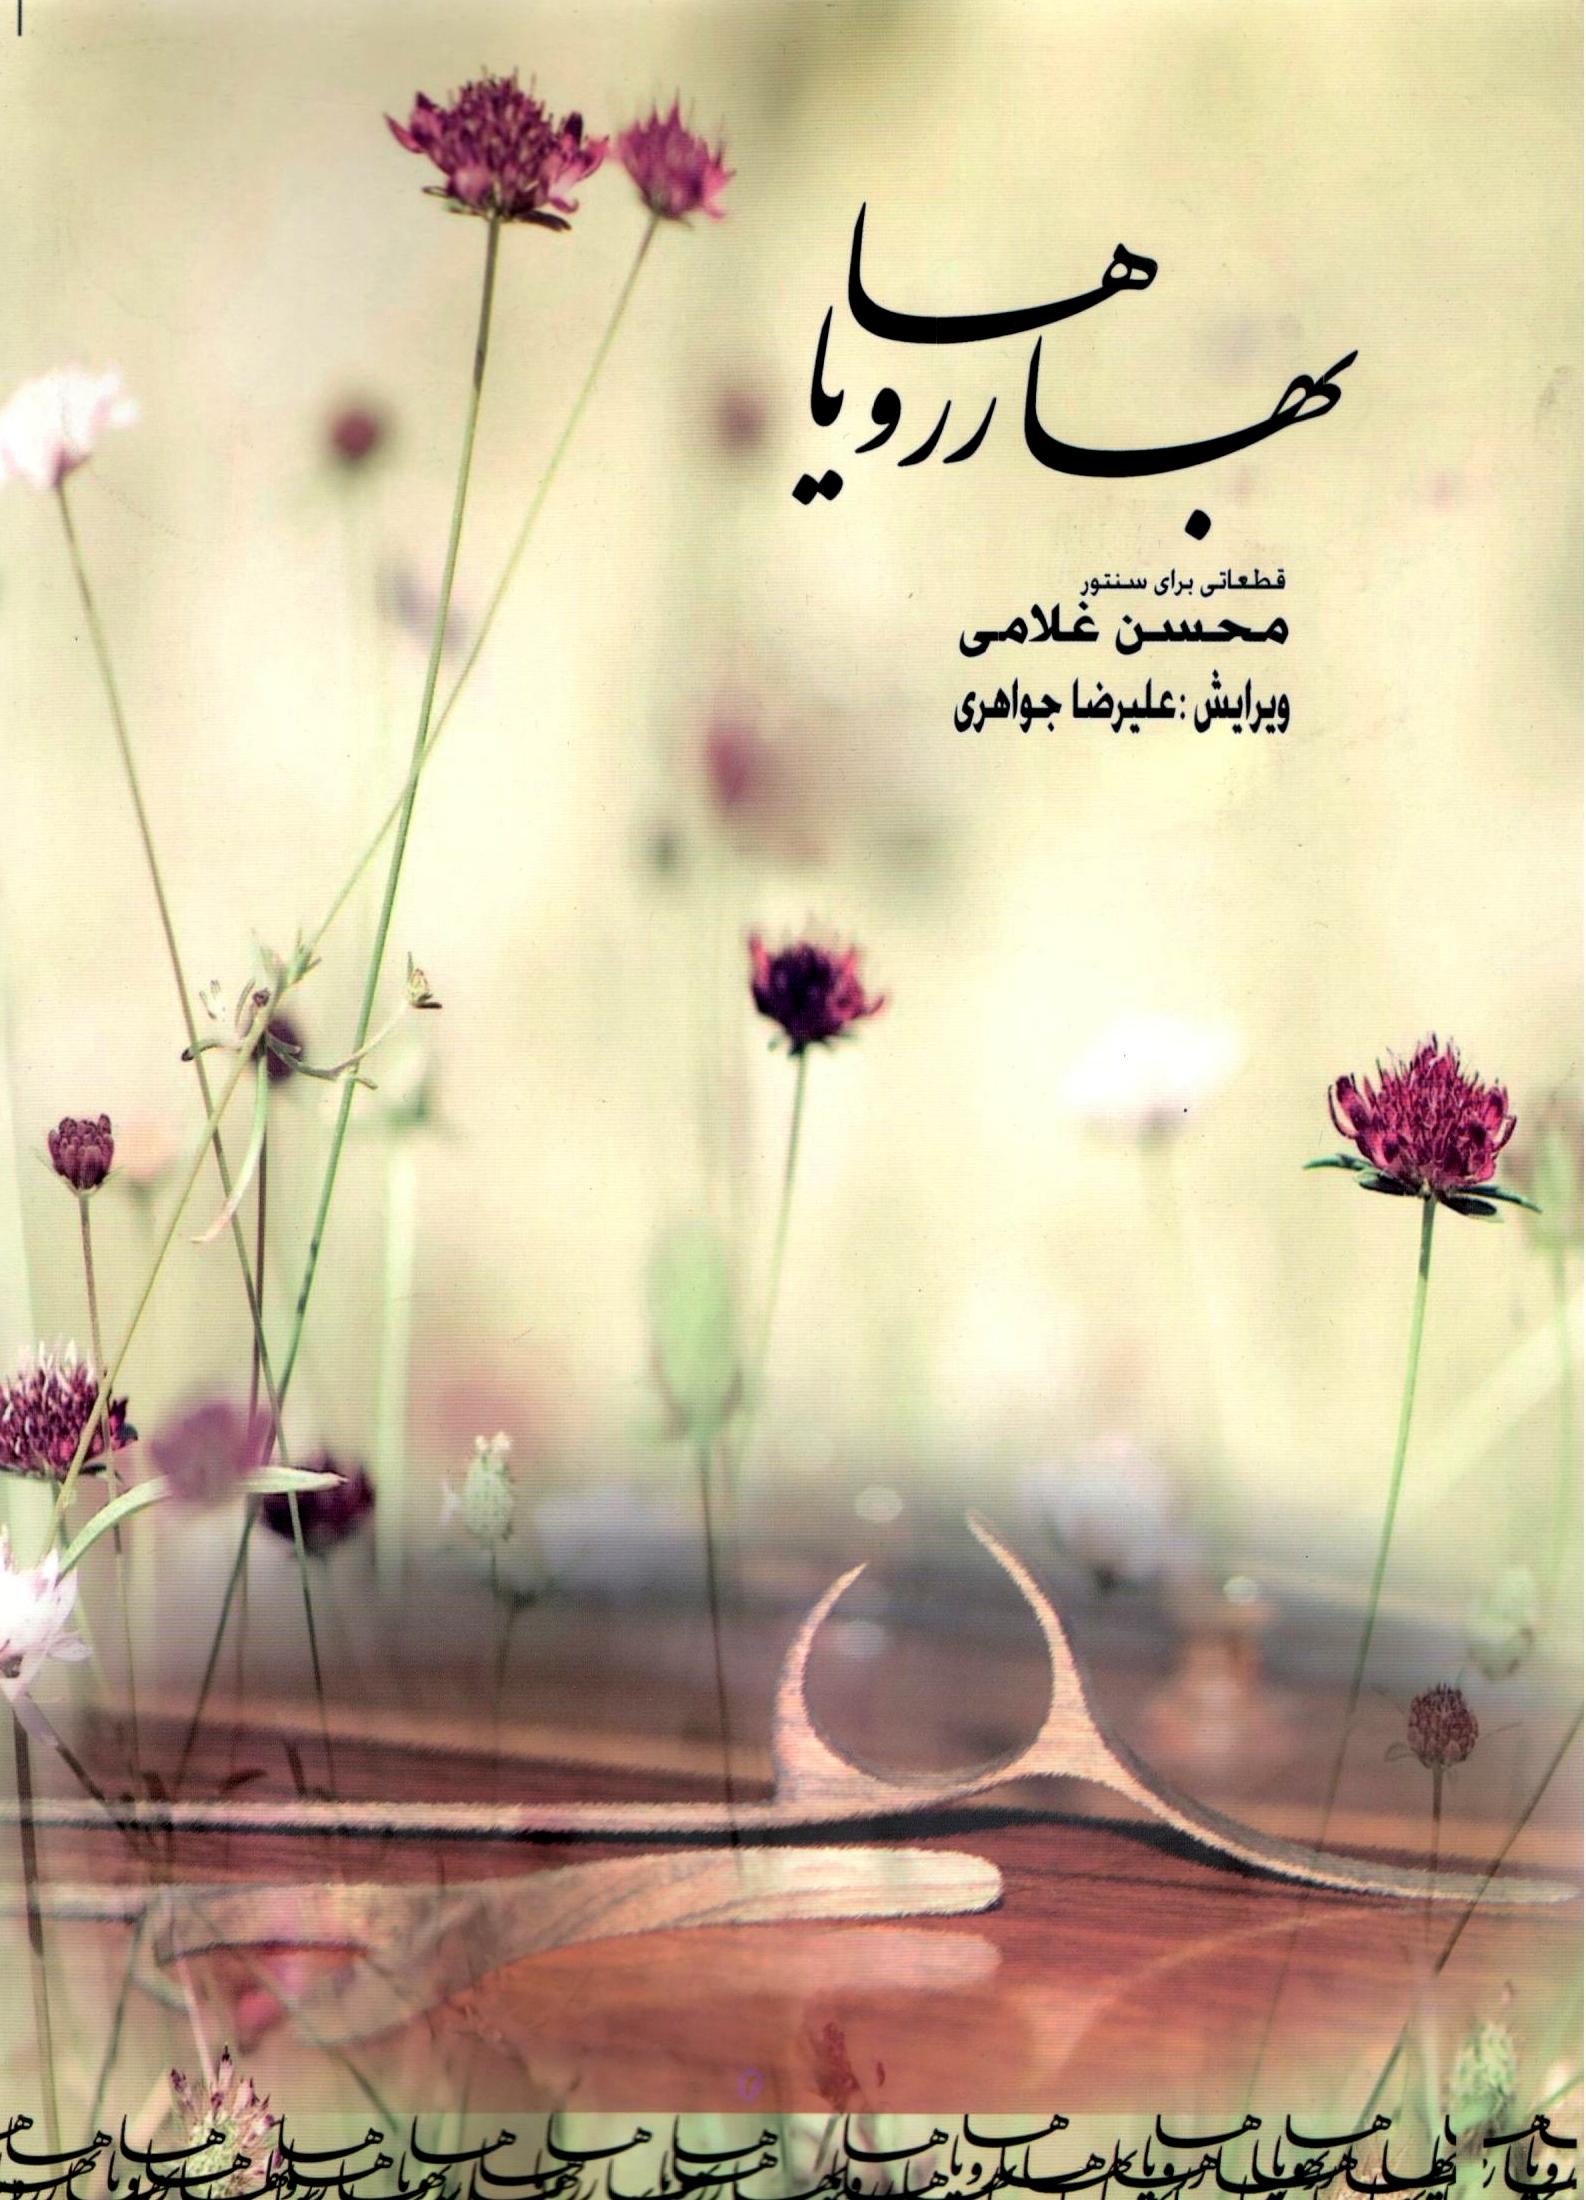 بهاررویاها قطعاتی برای سنتور محسن غلامی